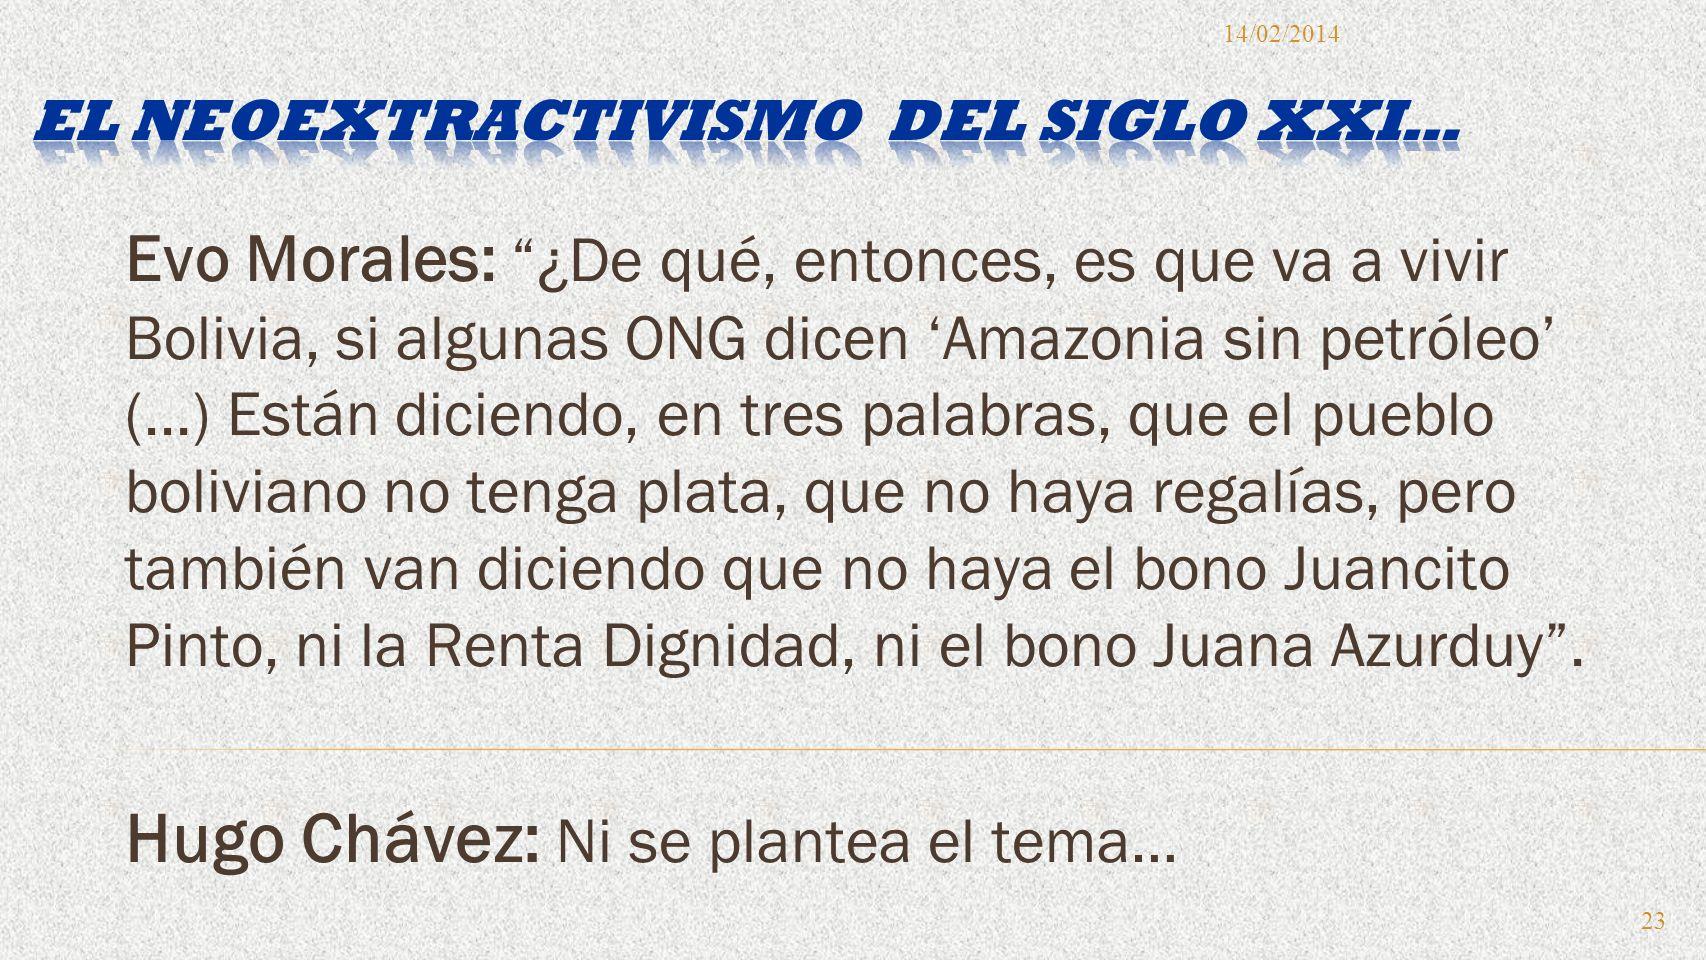 Evo Morales: ¿De qué, entonces, es que va a vivir Bolivia, si algunas ONG dicen Amazonia sin petróleo (...) Están diciendo, en tres palabras, que el p